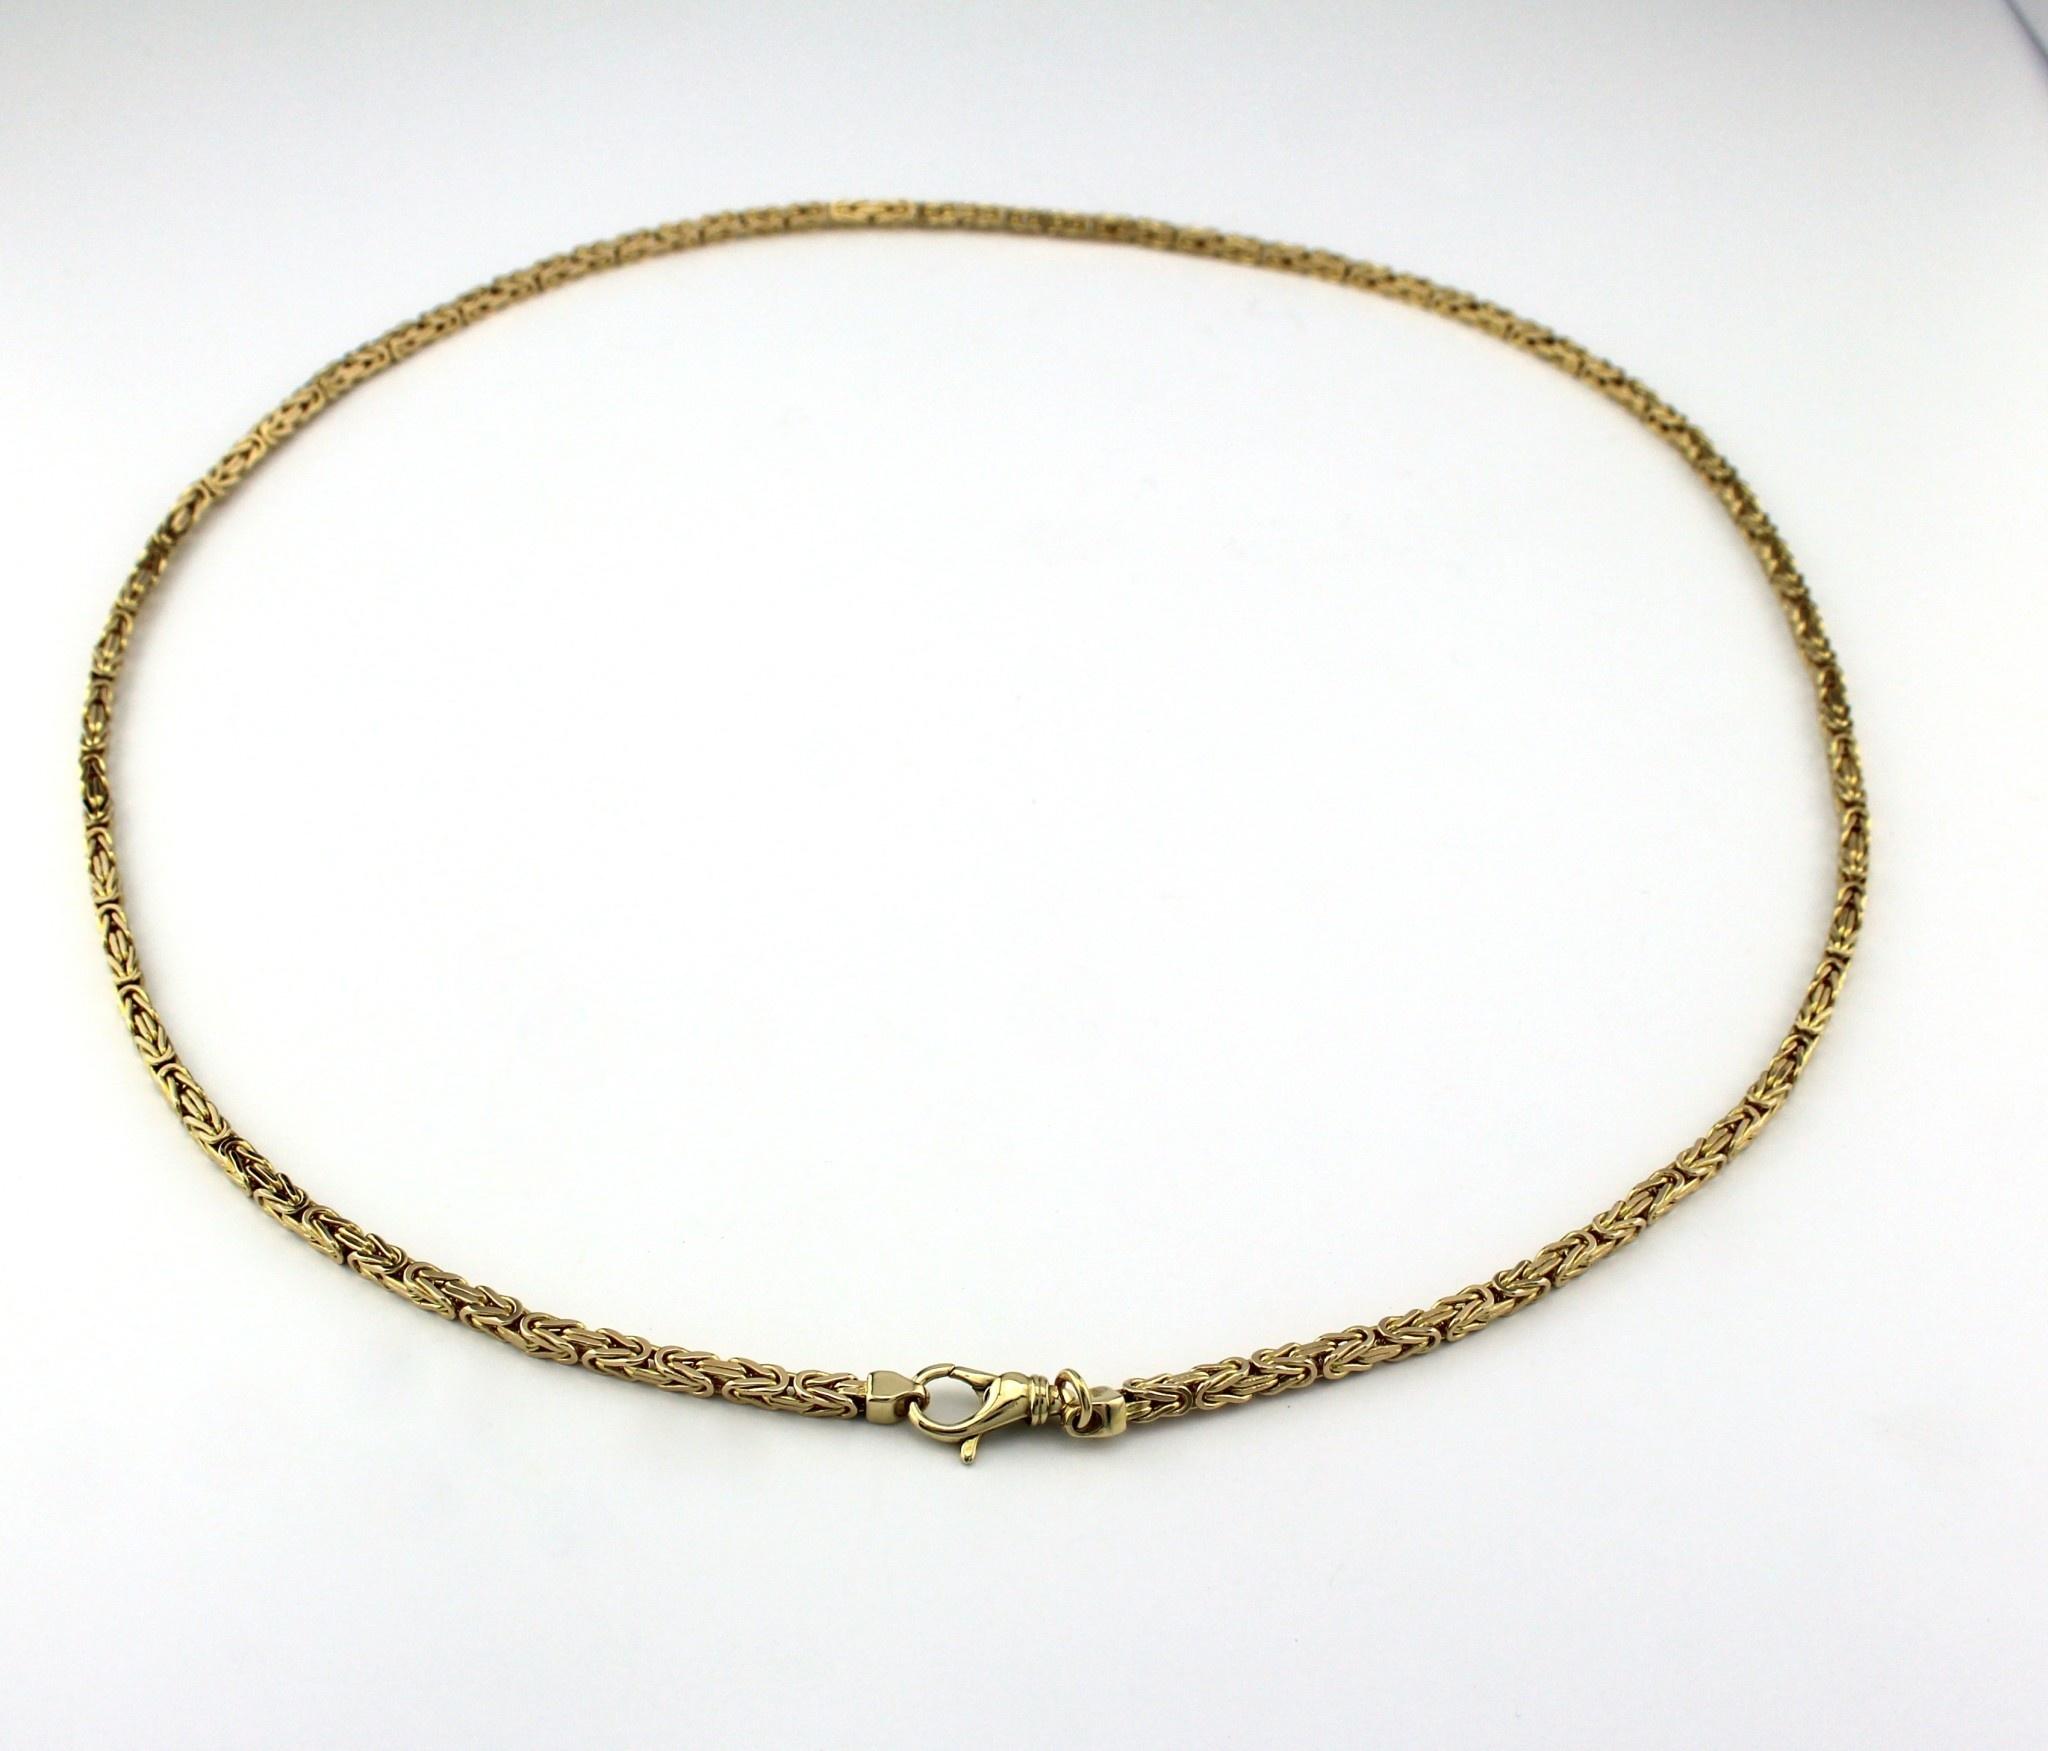 Tomylo 14 kt geelgouden ketting met koningsschakel 60 cm